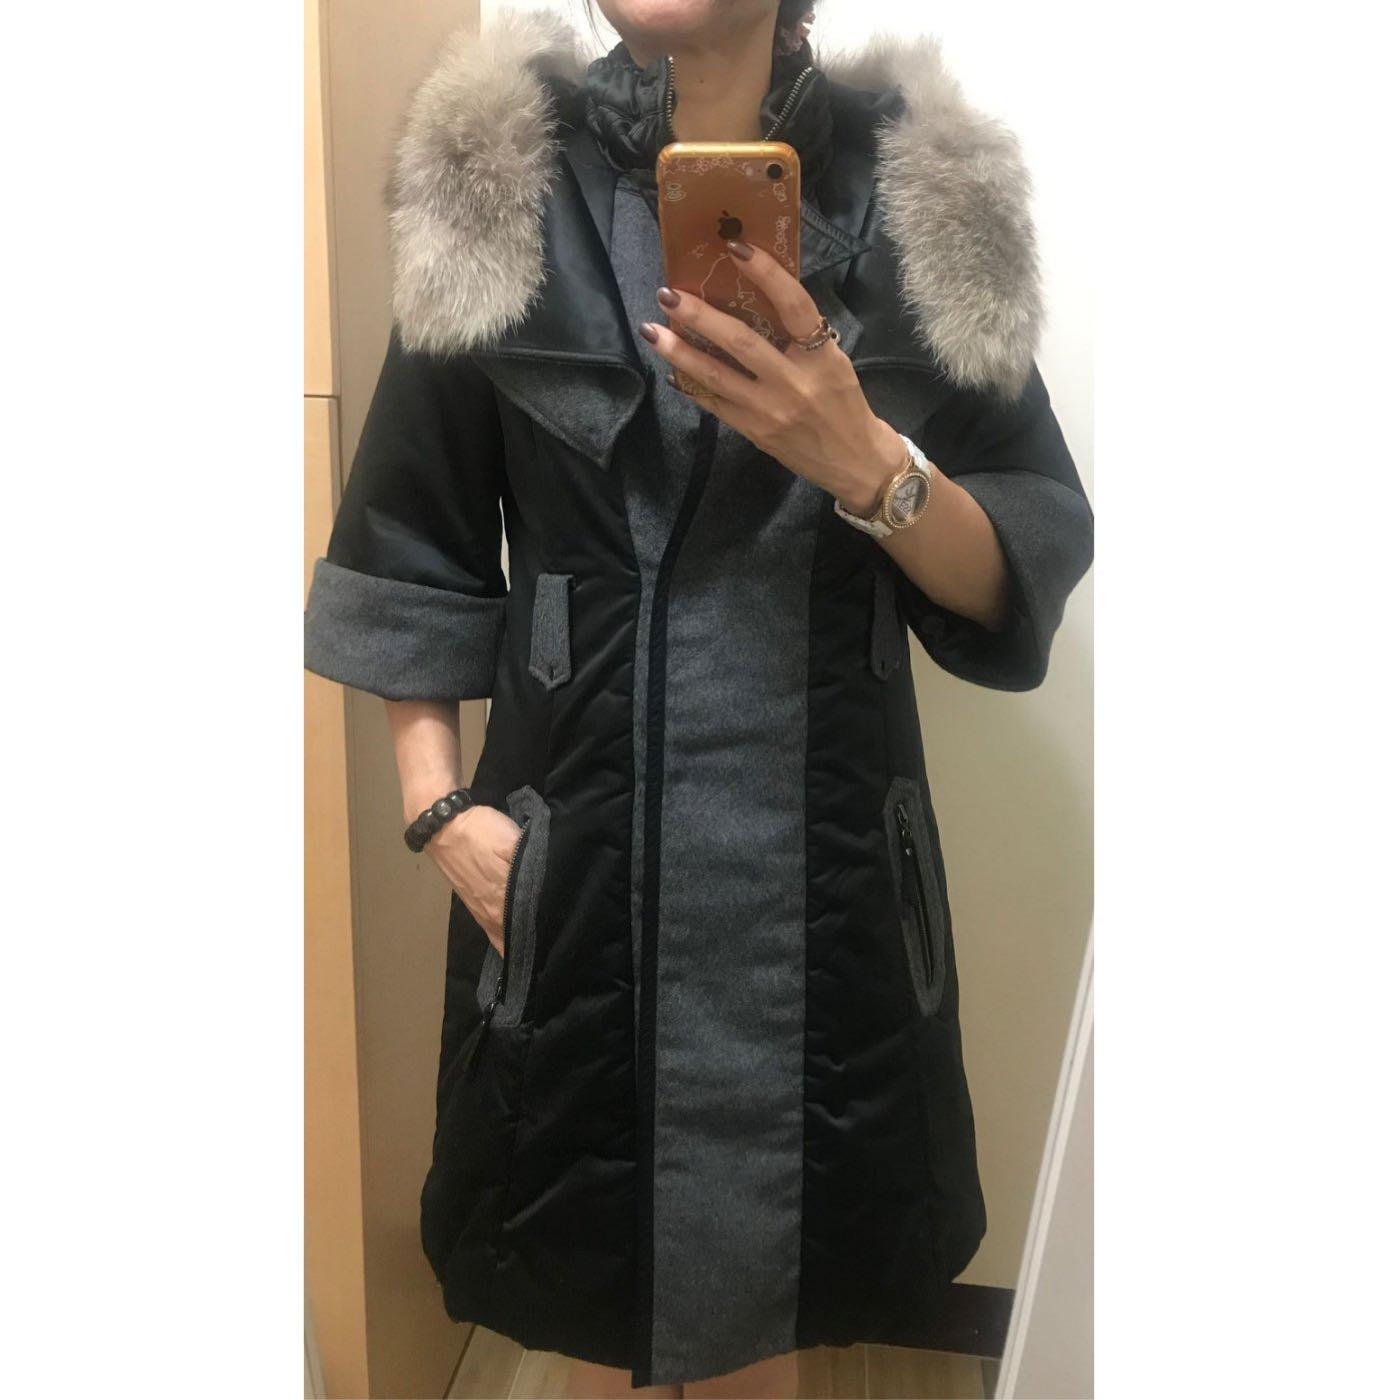 星星花園母親節禮物特價~La feta拉法達多way設計款小高領附可拆狐貍毛領七分袖風衣洋裝外套~耶誕PARTY尾牙喜酒